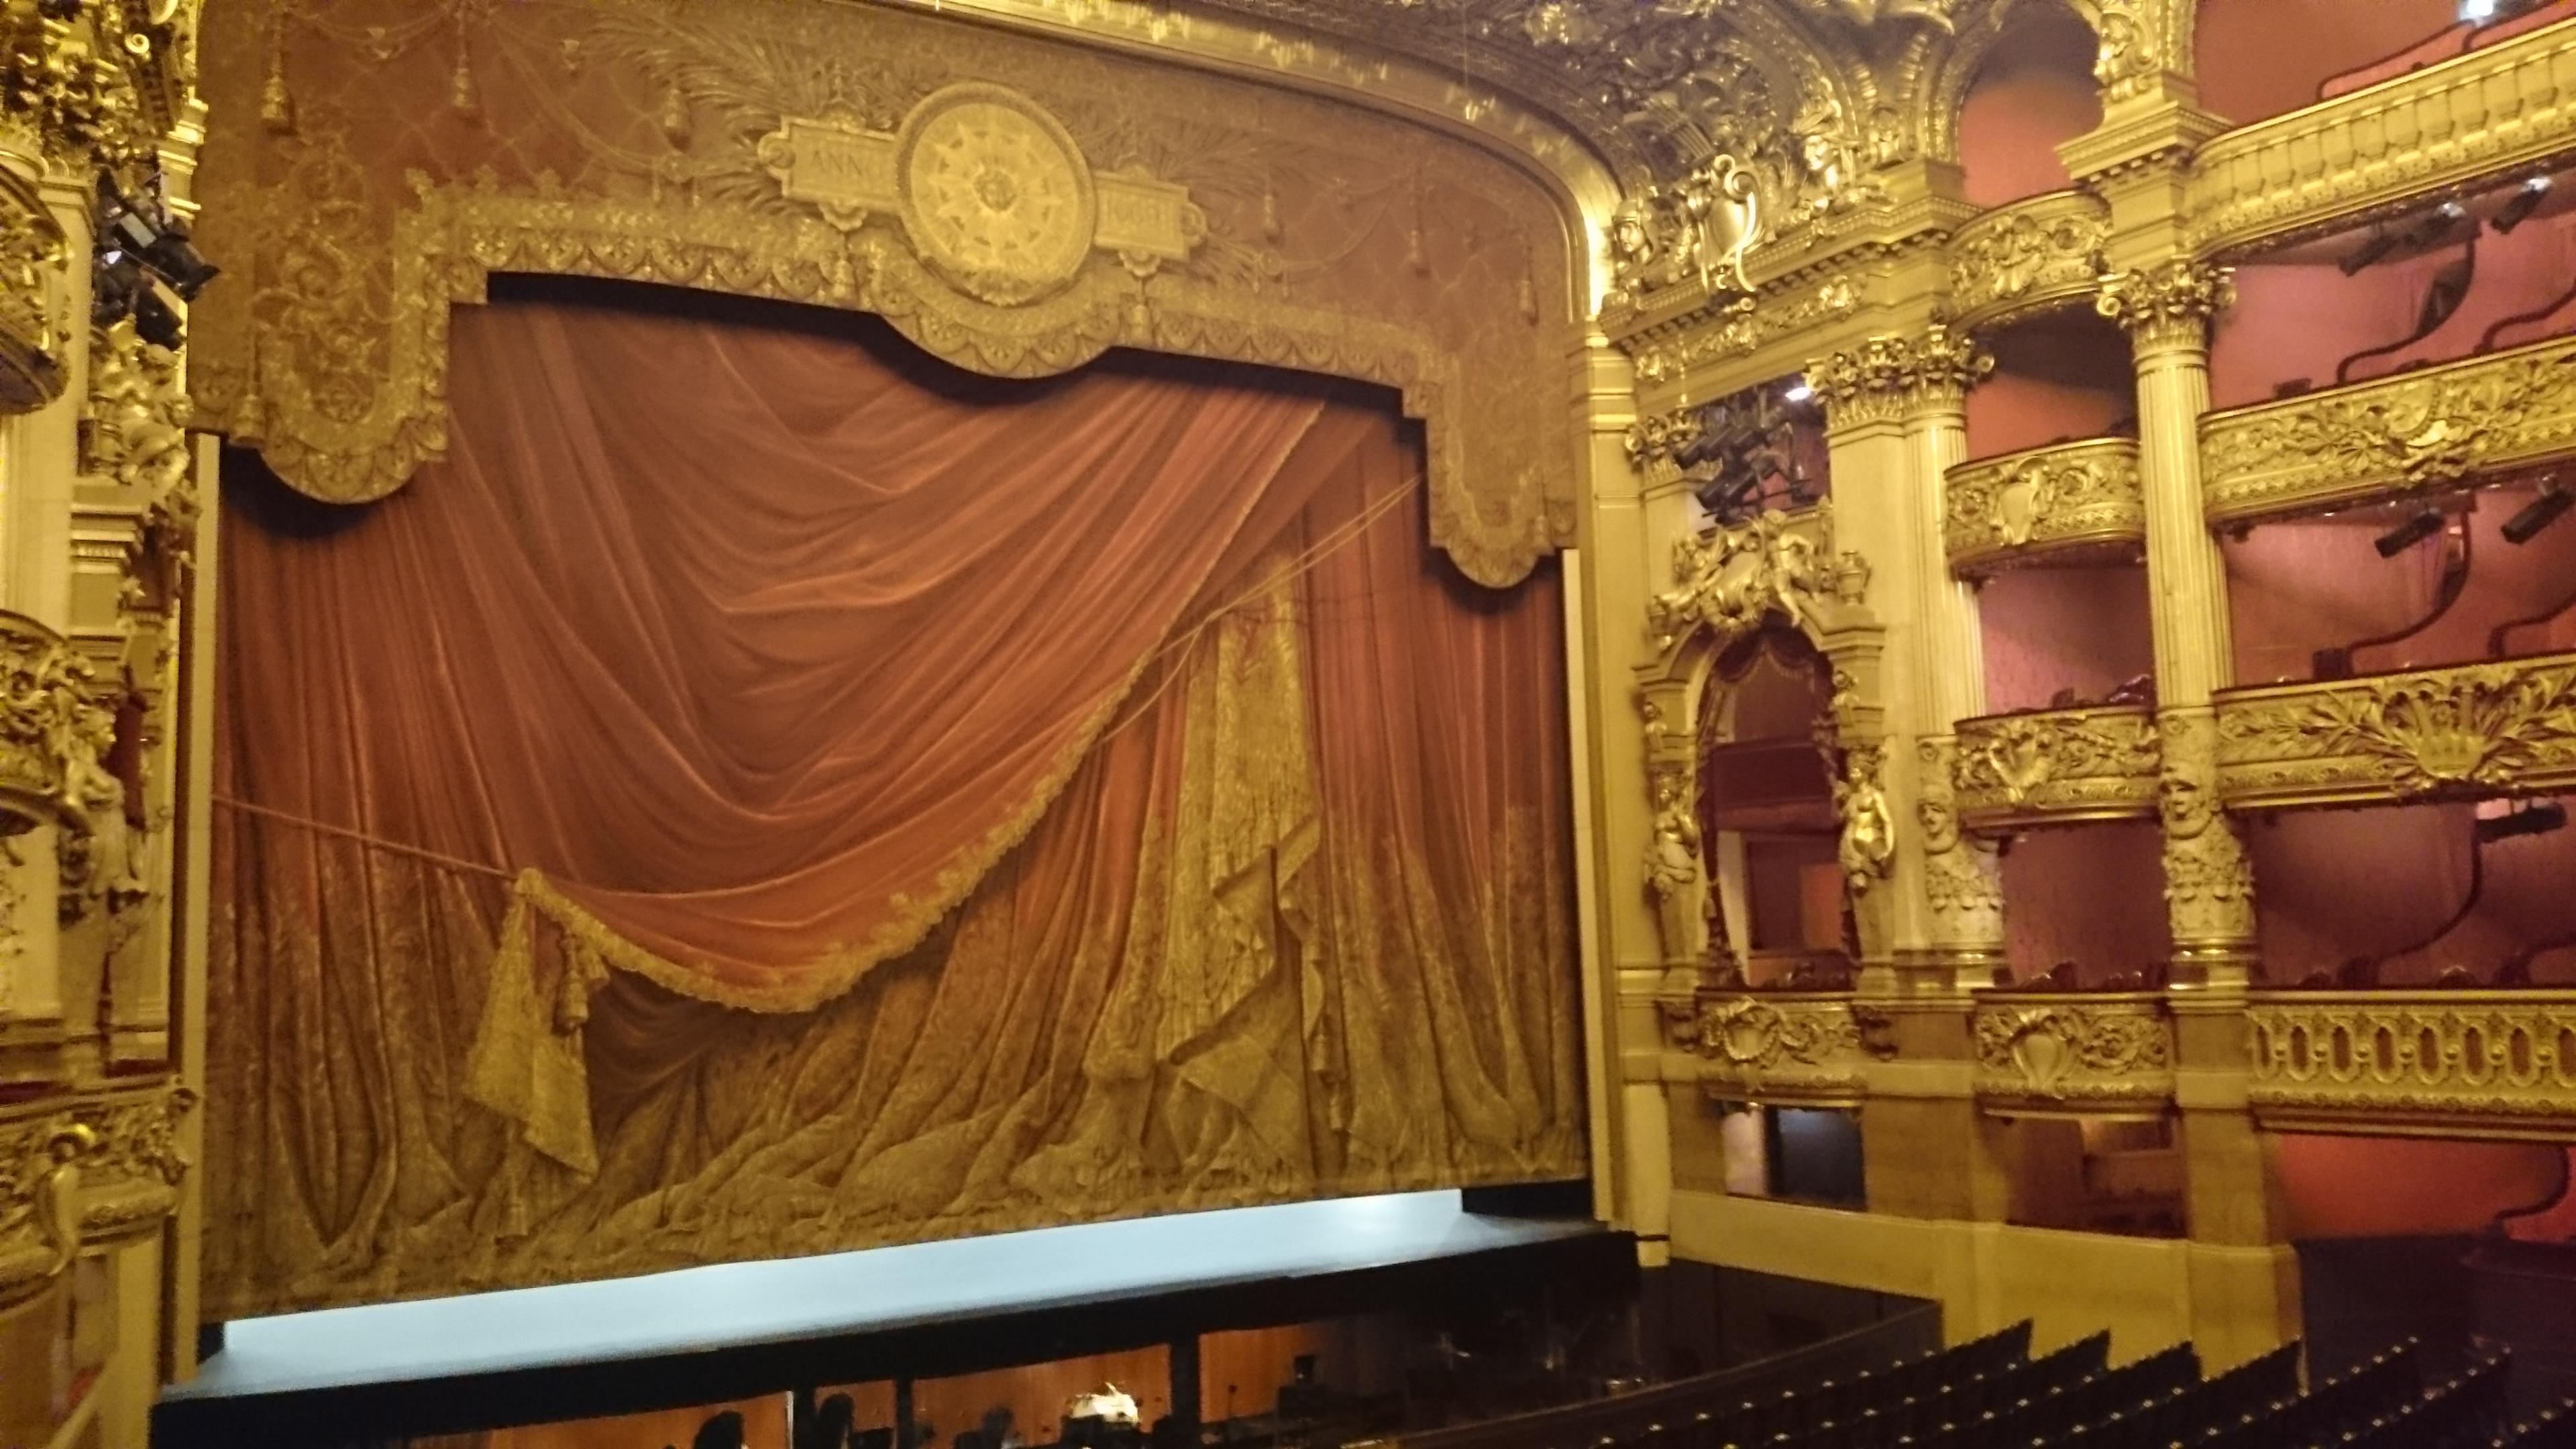 dsc 1019 - Una visita a la Opera de Paris (Palais Garnier)